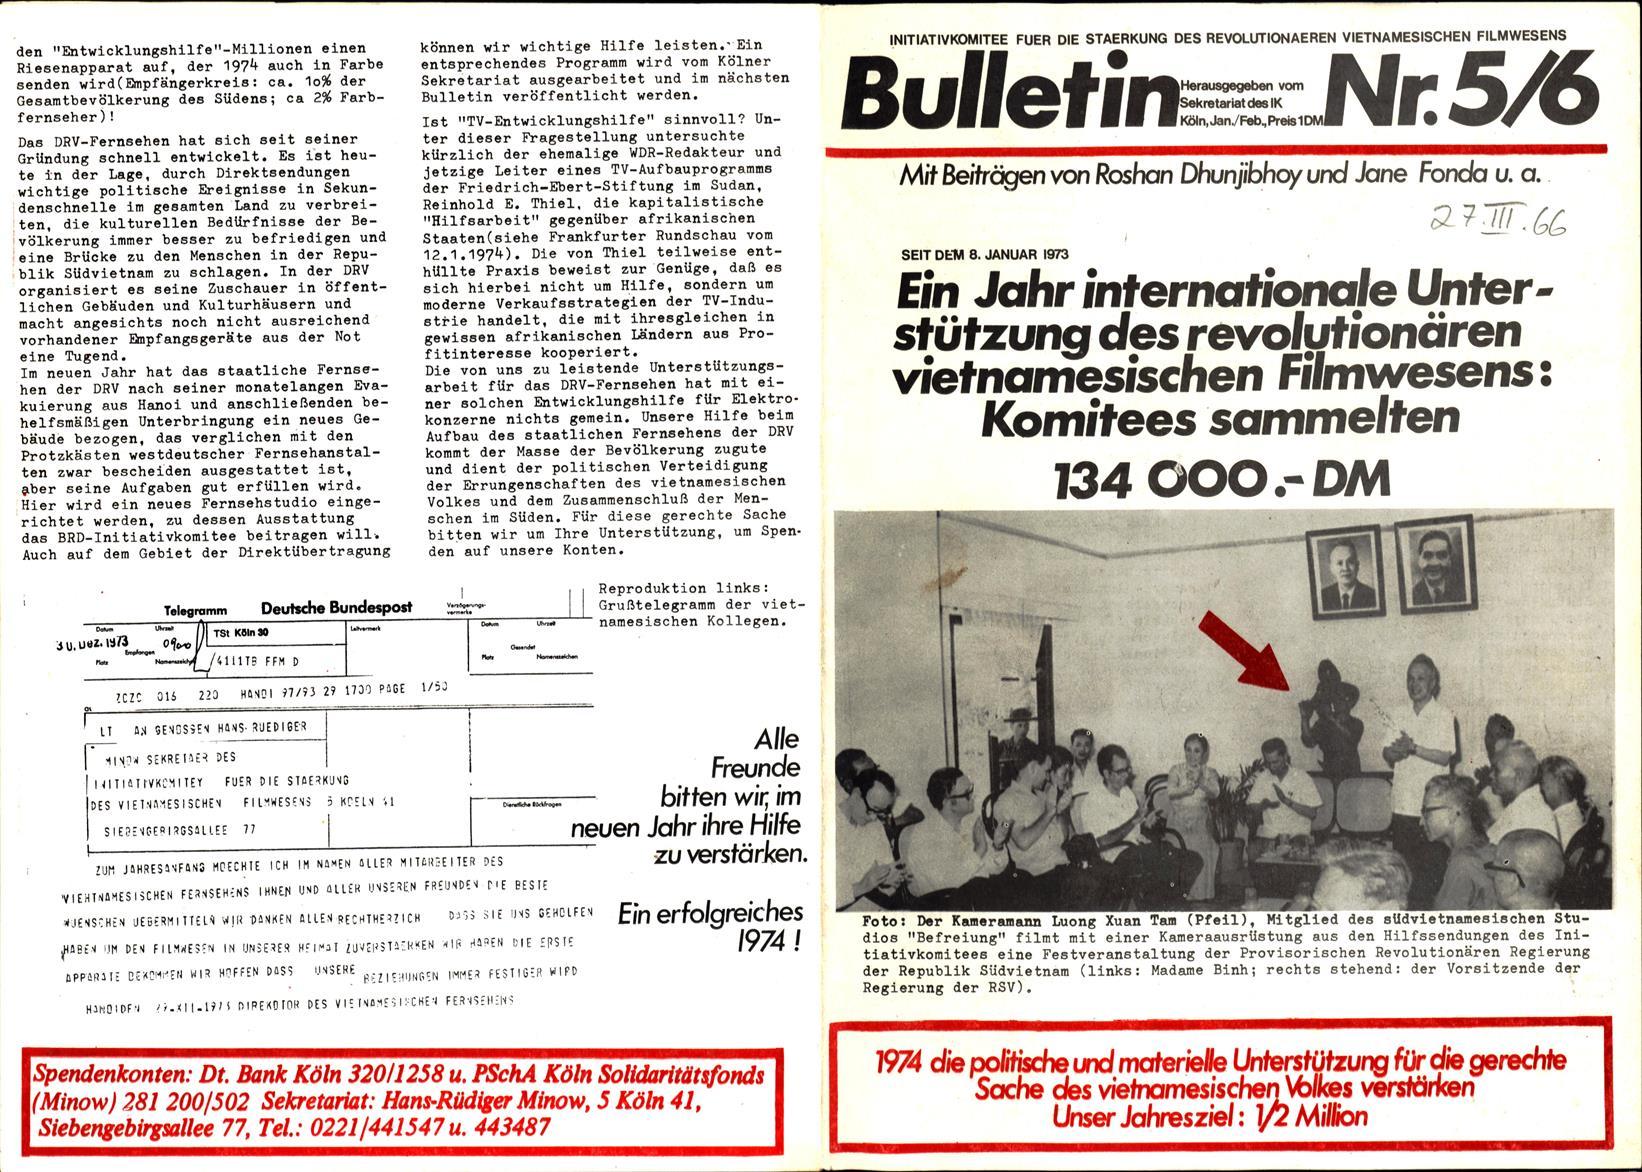 IK_Filmwesen_Bulletin_19740100_005_006_001